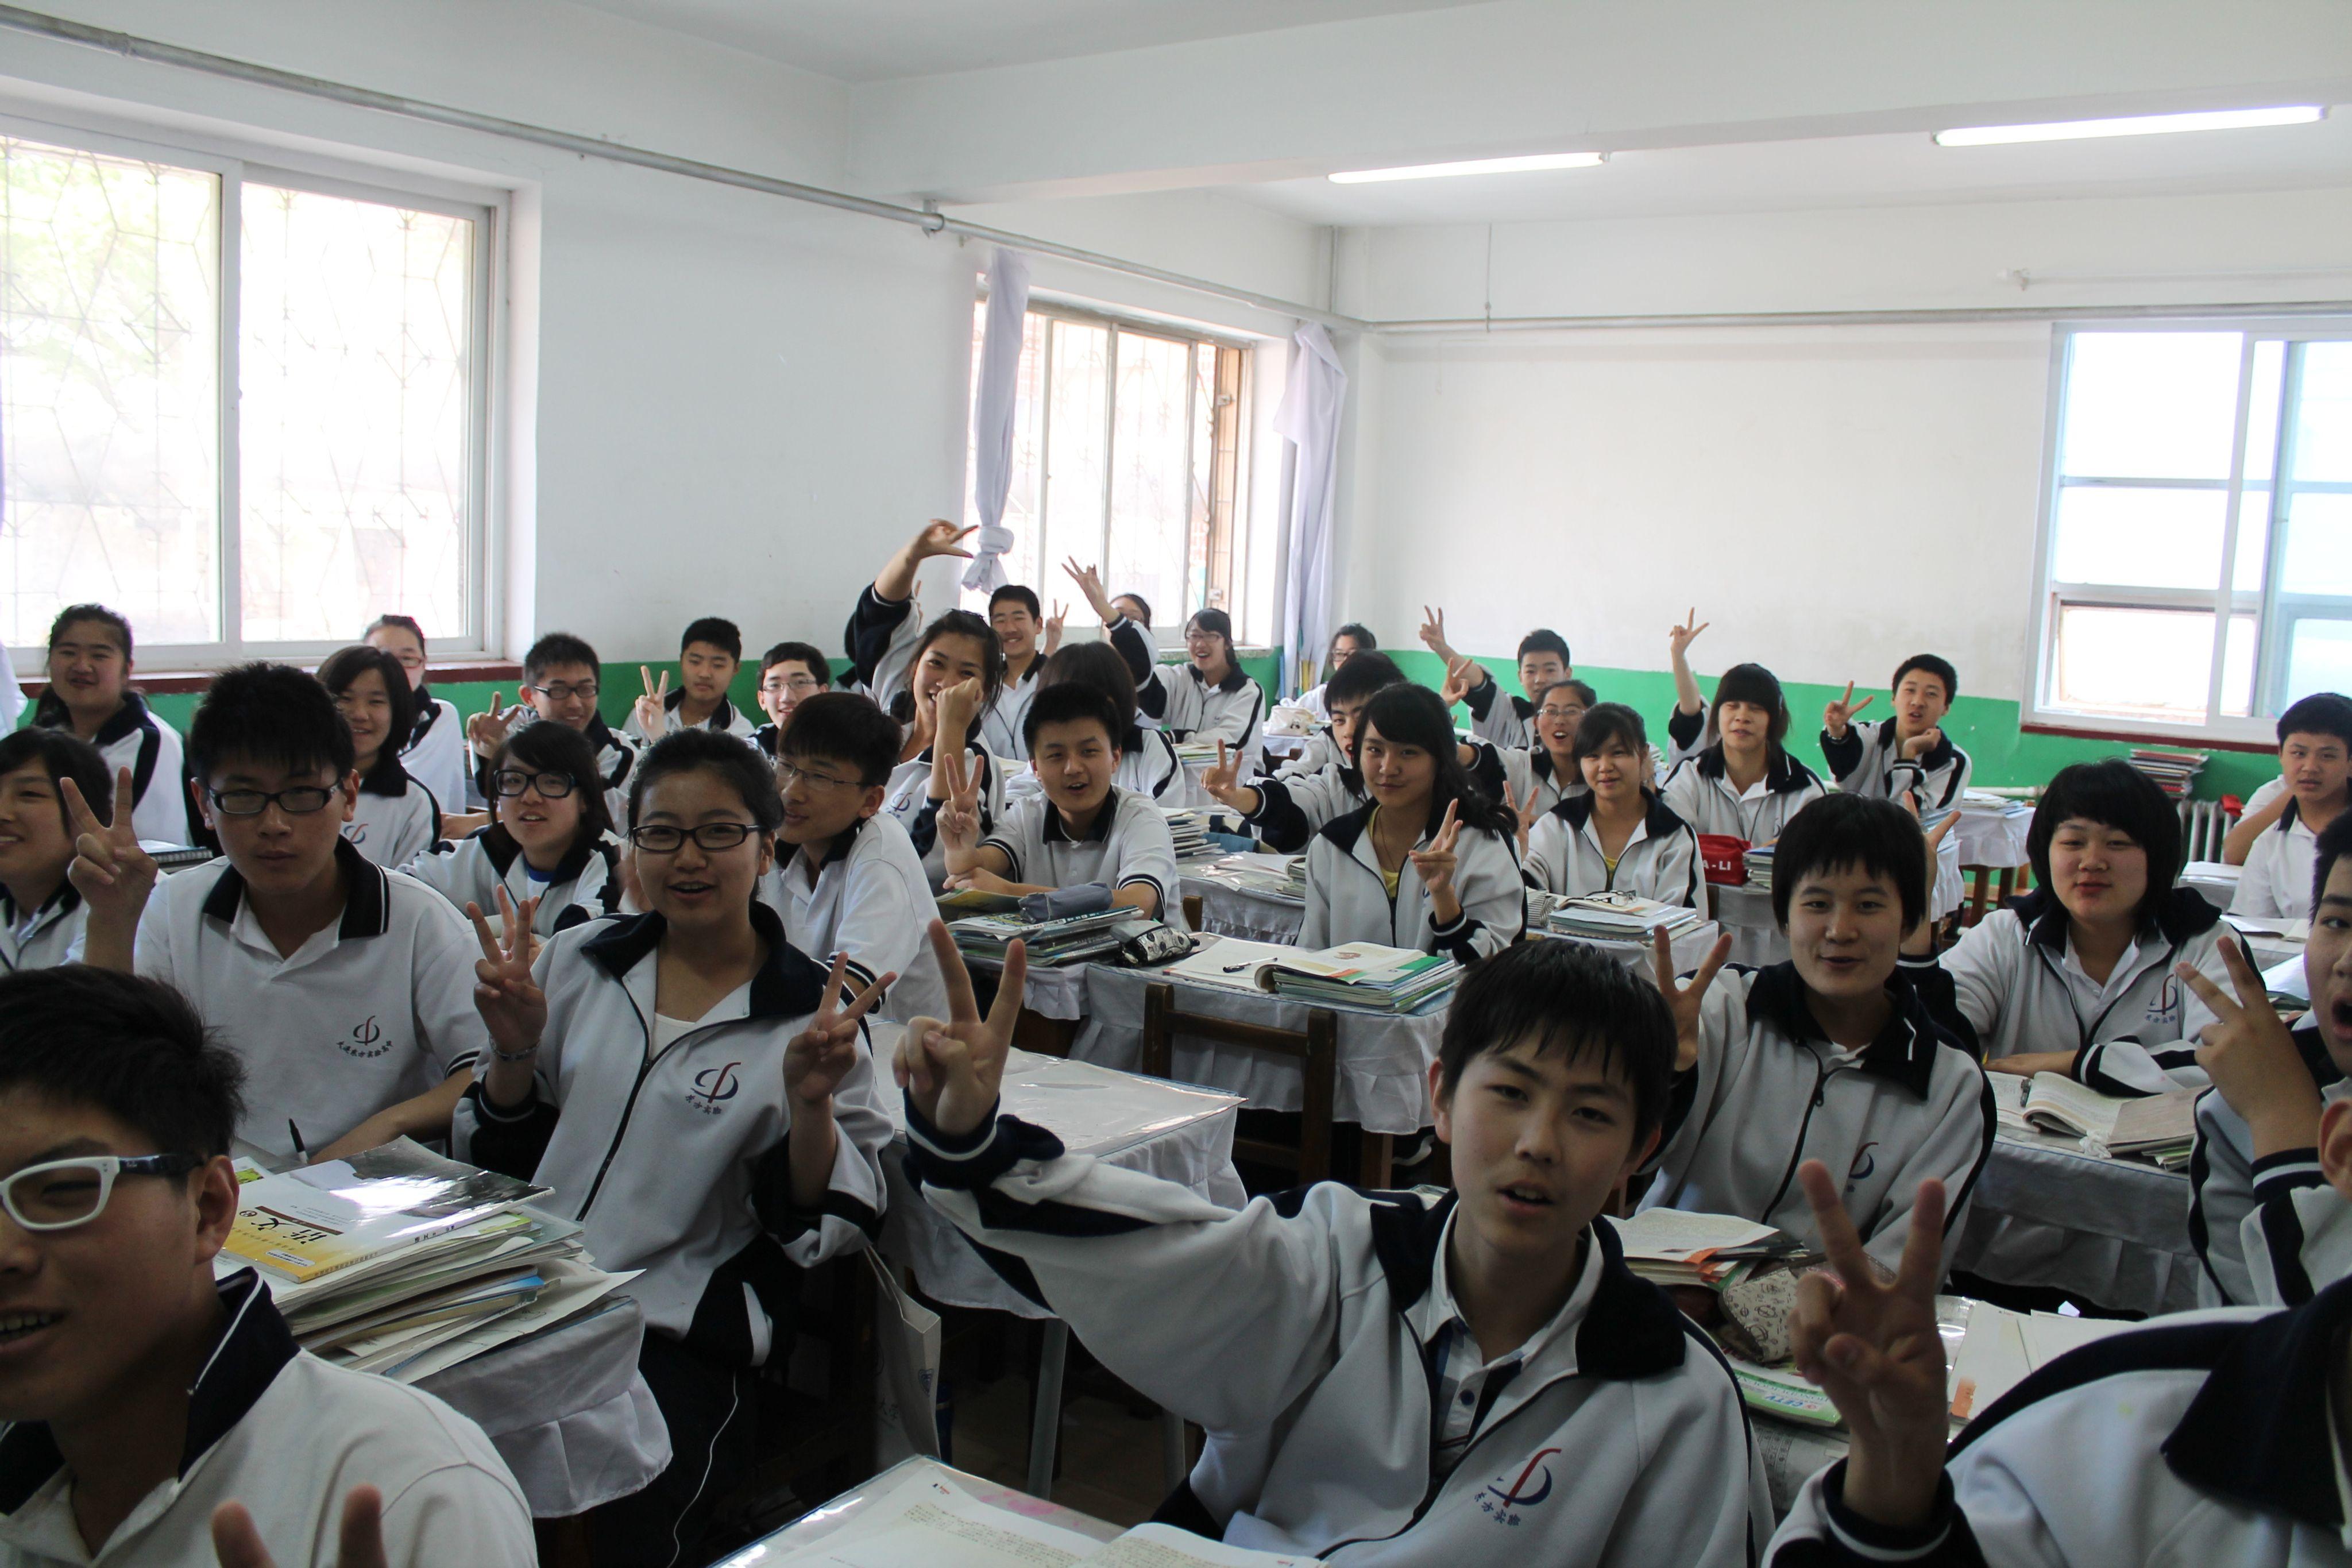 宁波二本大学有哪些学校_大连民办私立高中排名_百度知道